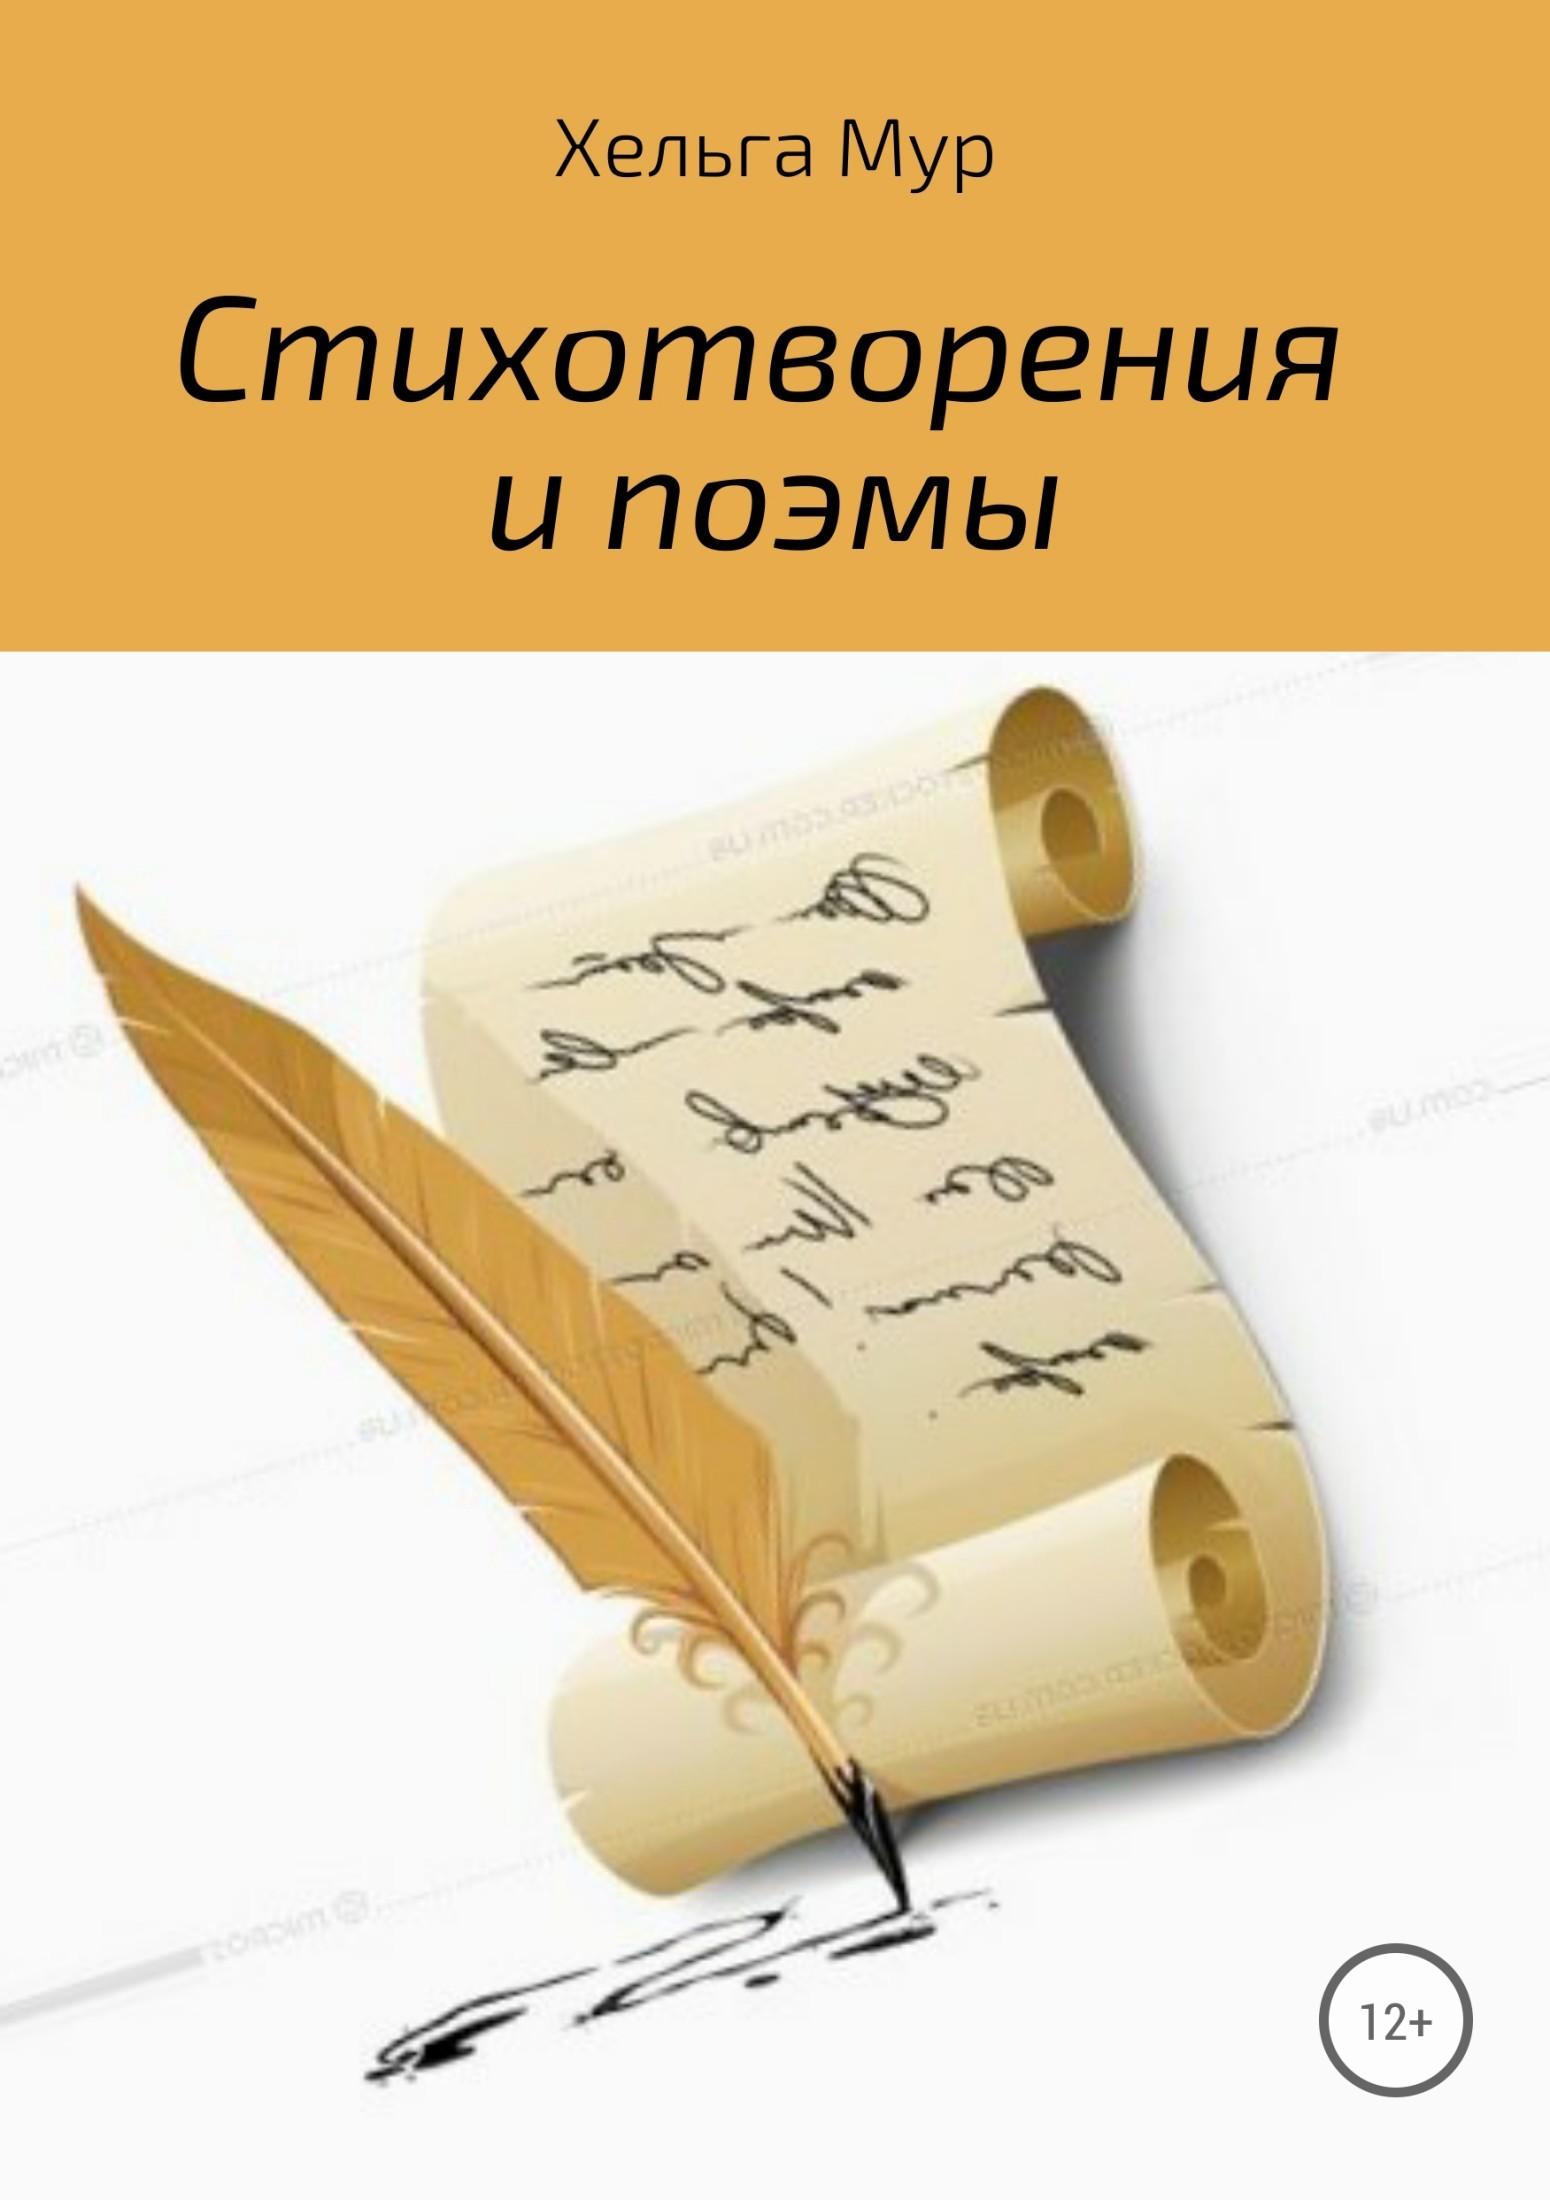 Хельга Мур Стихотворения и поэмы люстра vele luce sincero vl1375l05 подвесная